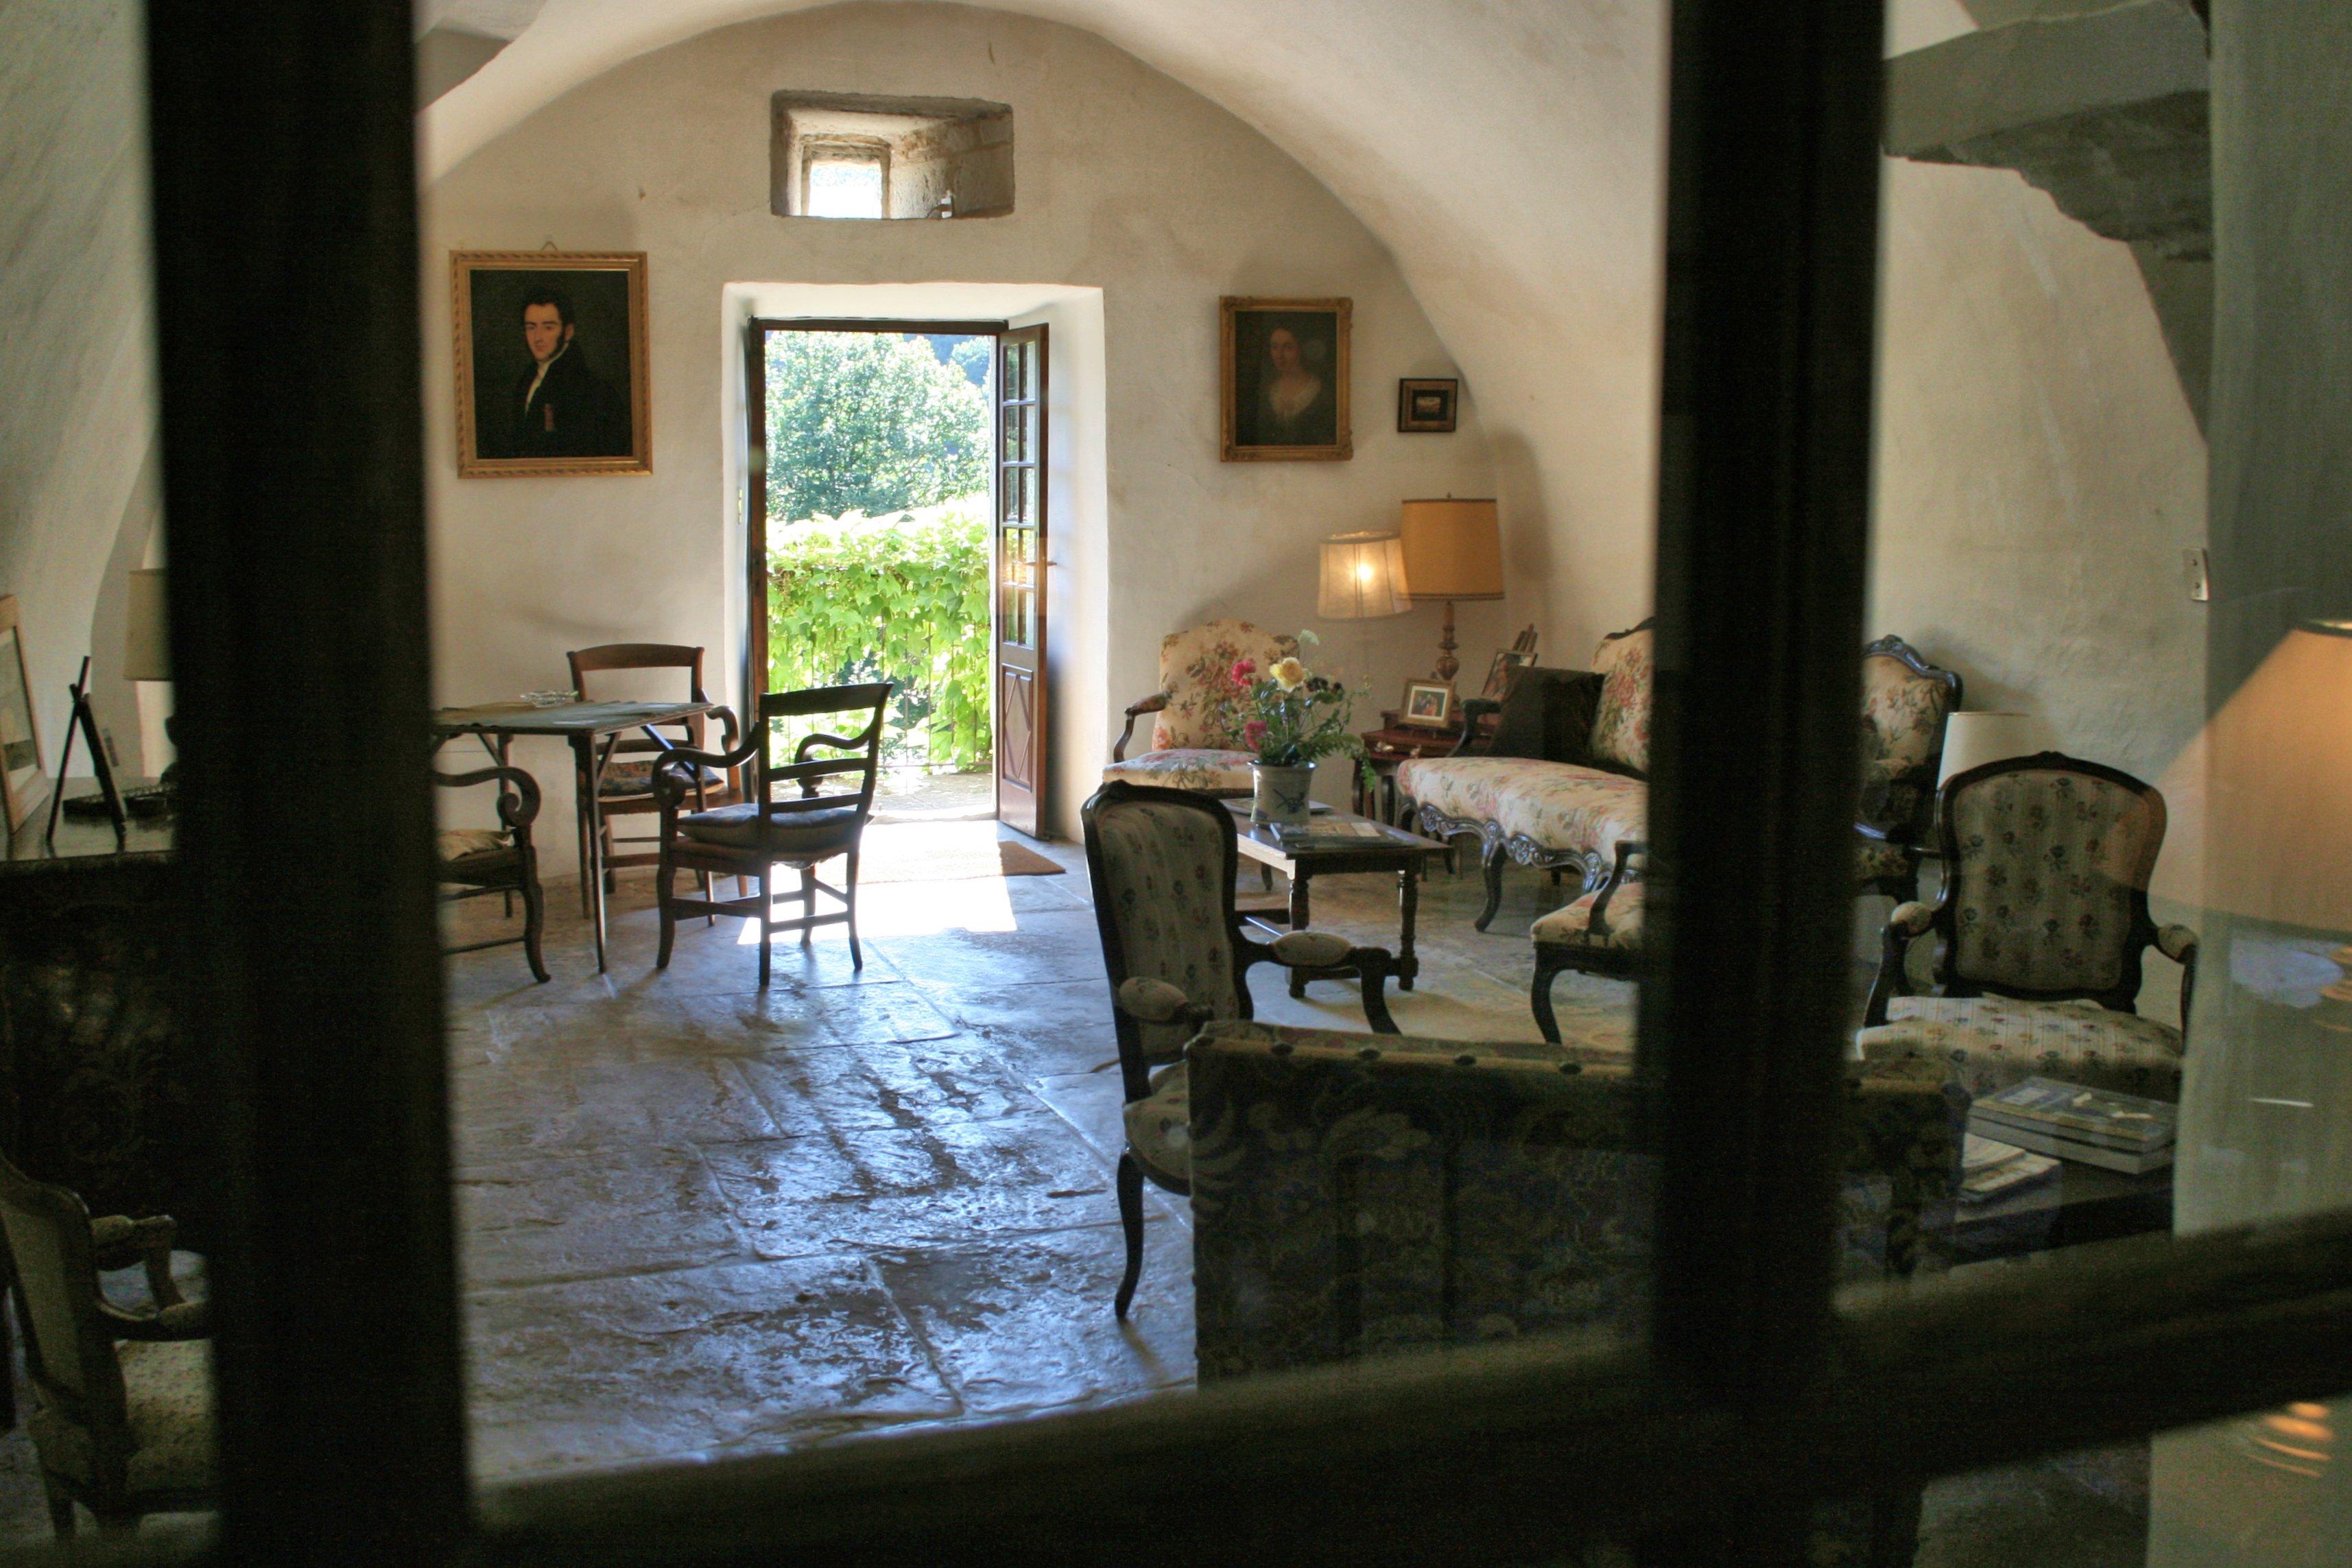 A l'étage intermédiaire,une pièce avec les portraits de la descendance du propriétaire des lieux ...